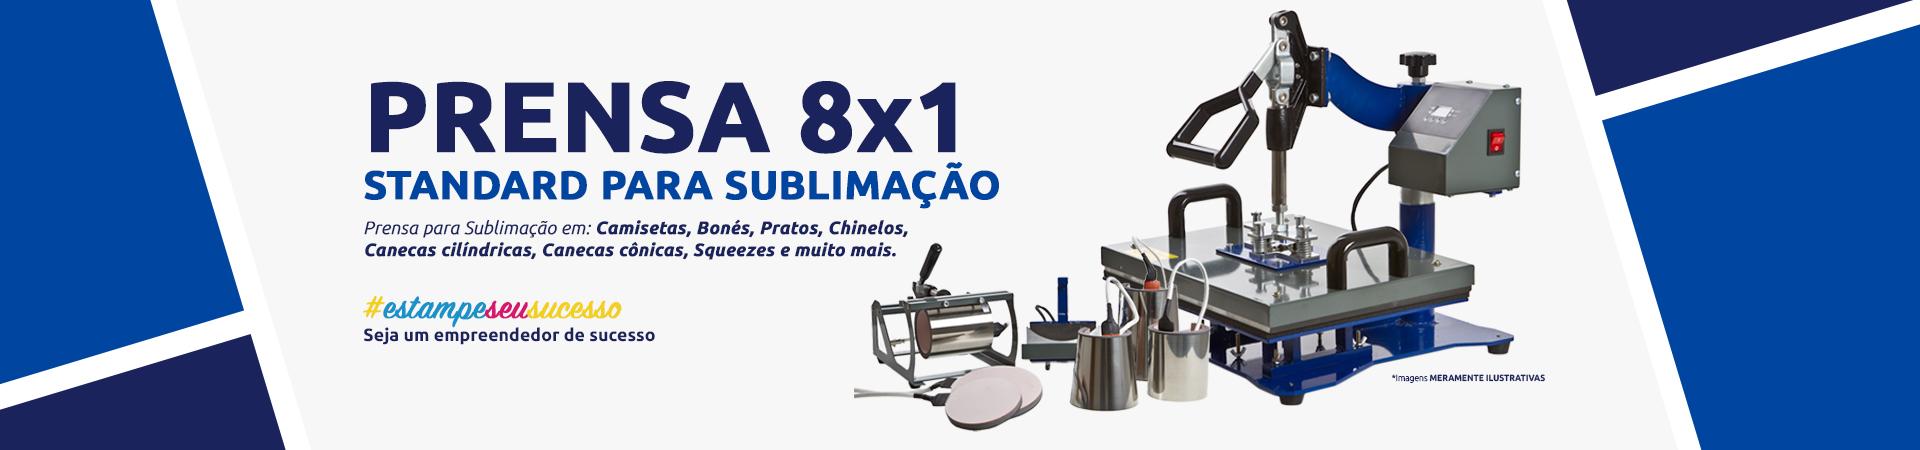 prensa 8x1 standard